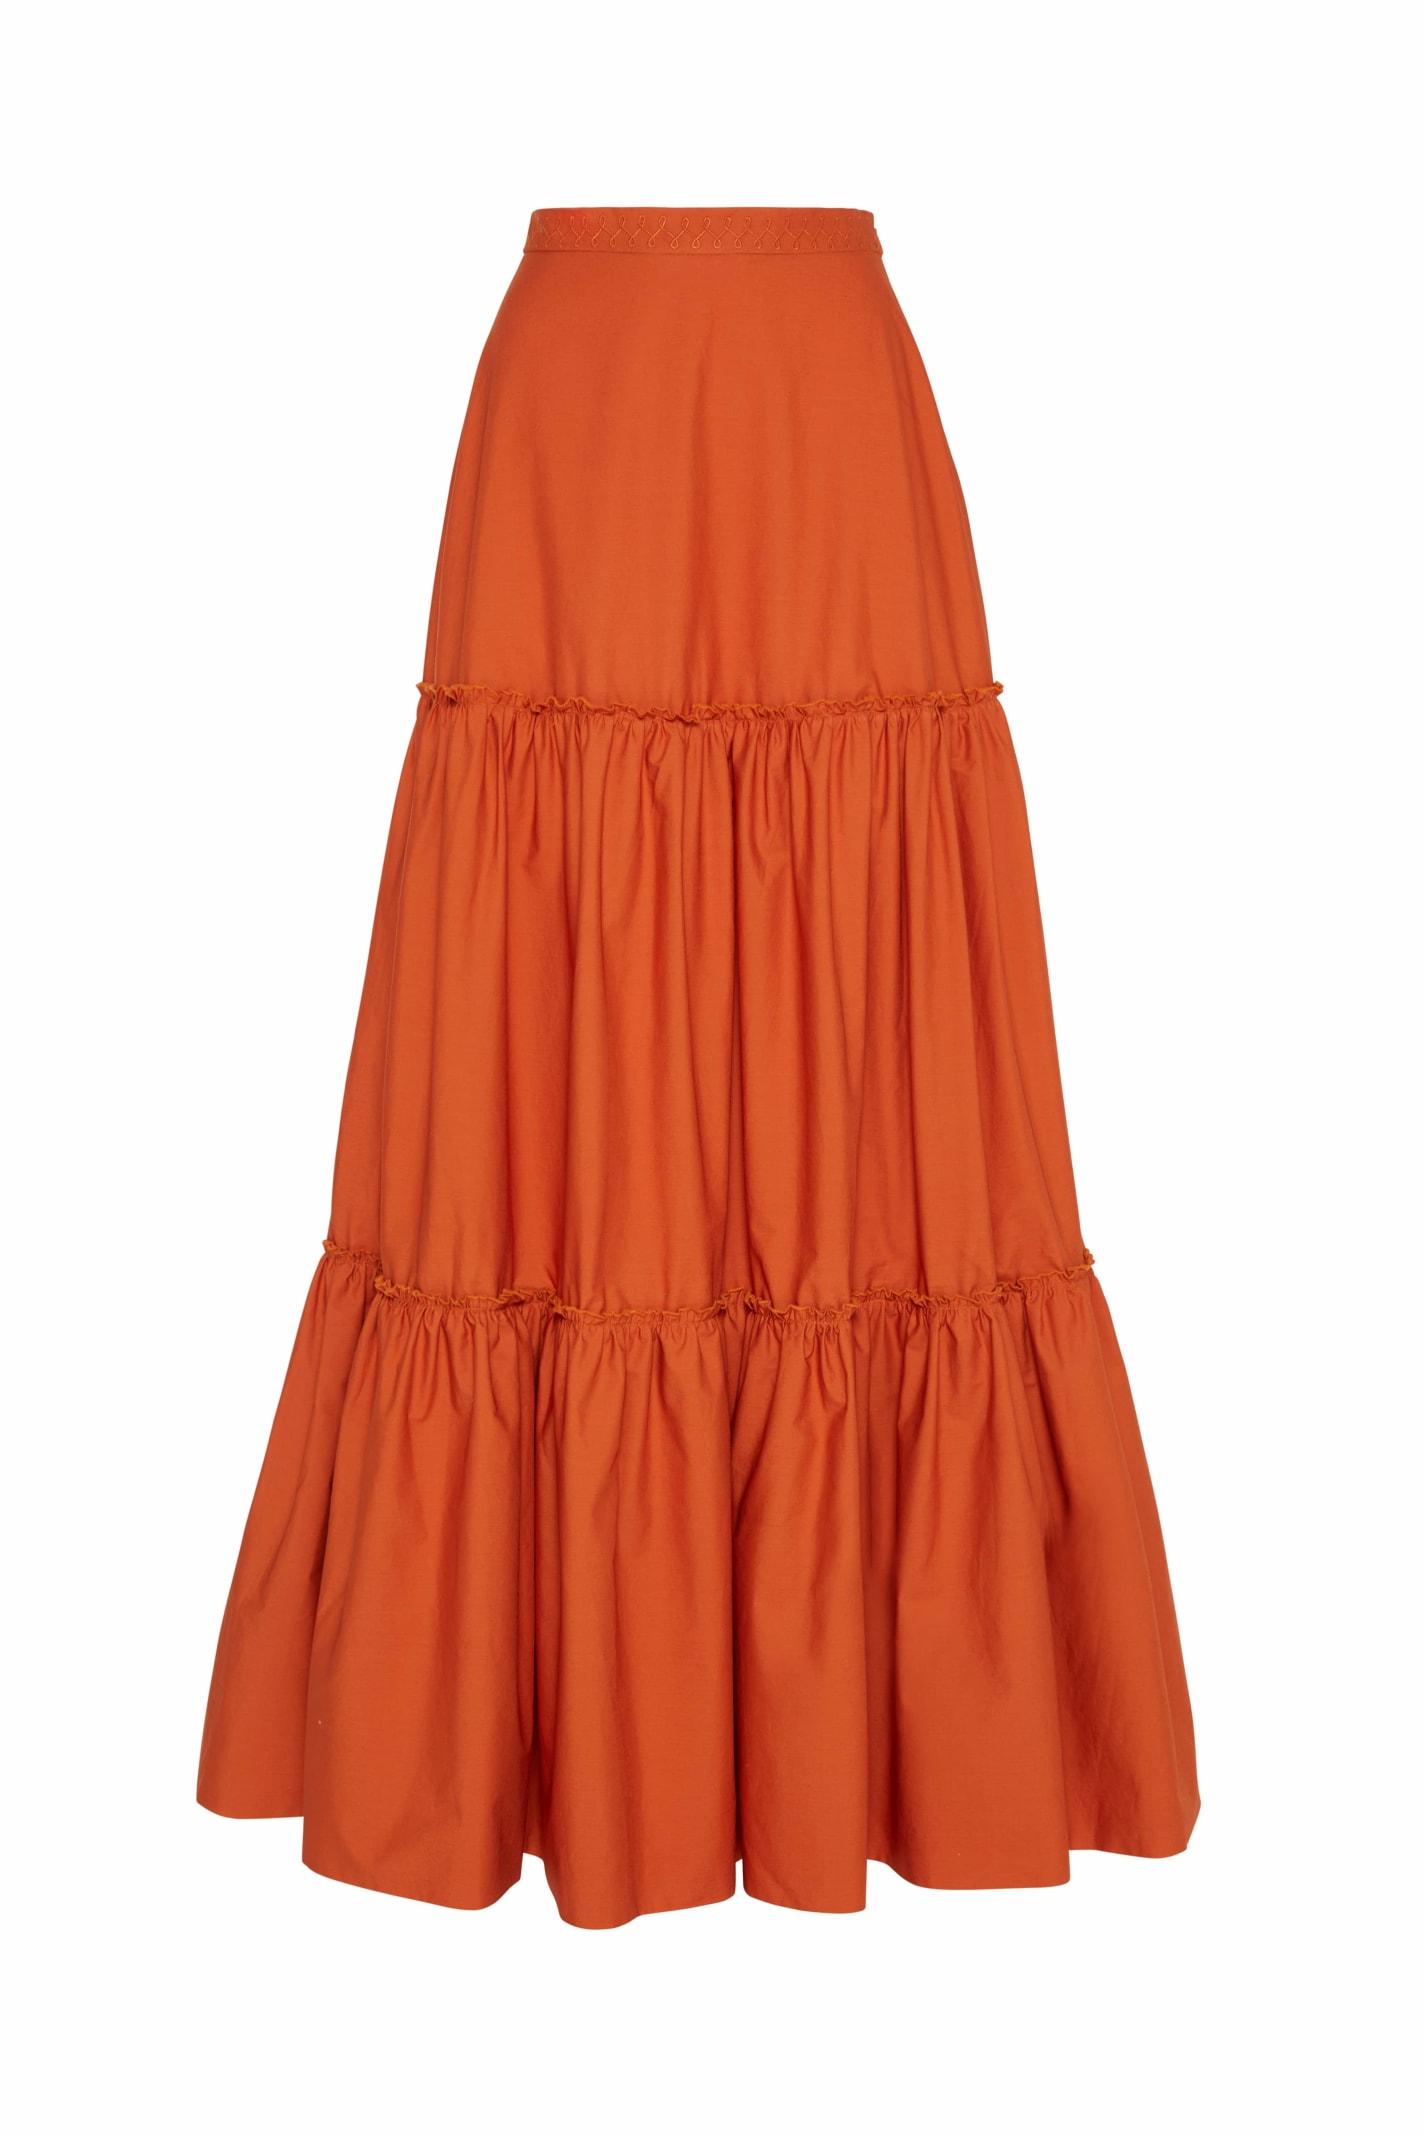 Charlotte Long Skirt In Orange Poplin